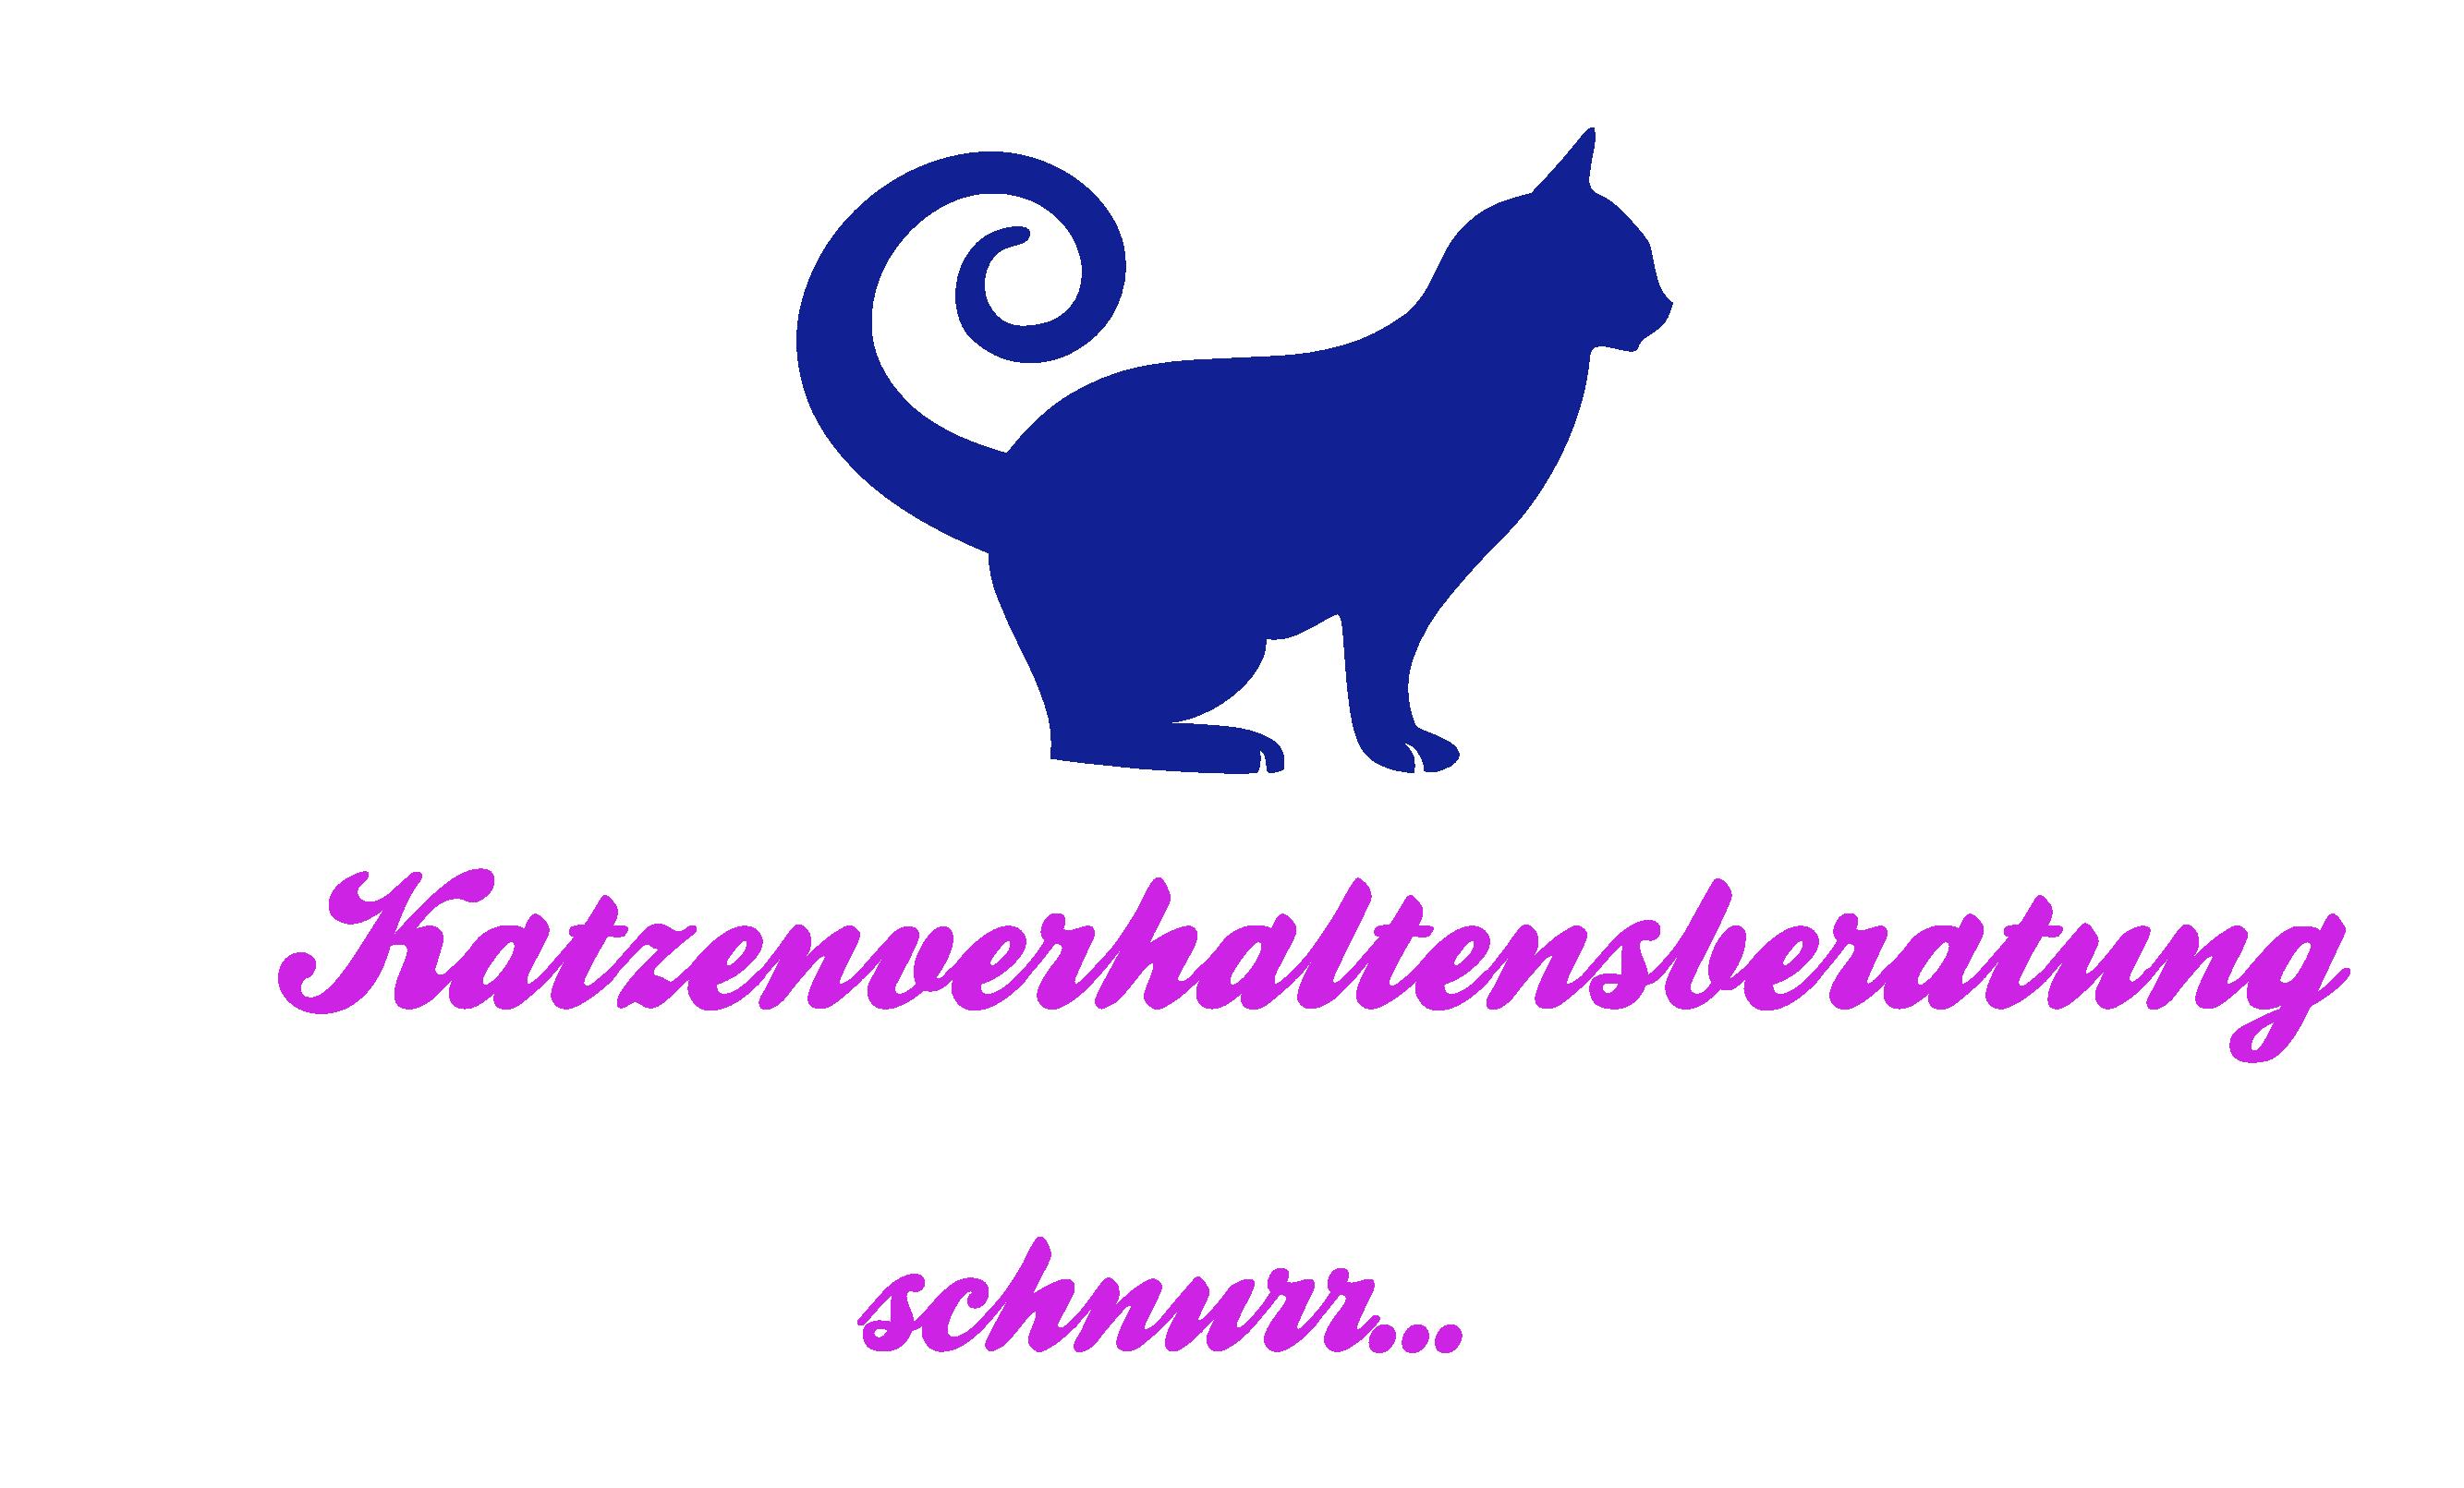 Katzenverhaltensberatung schnurr..